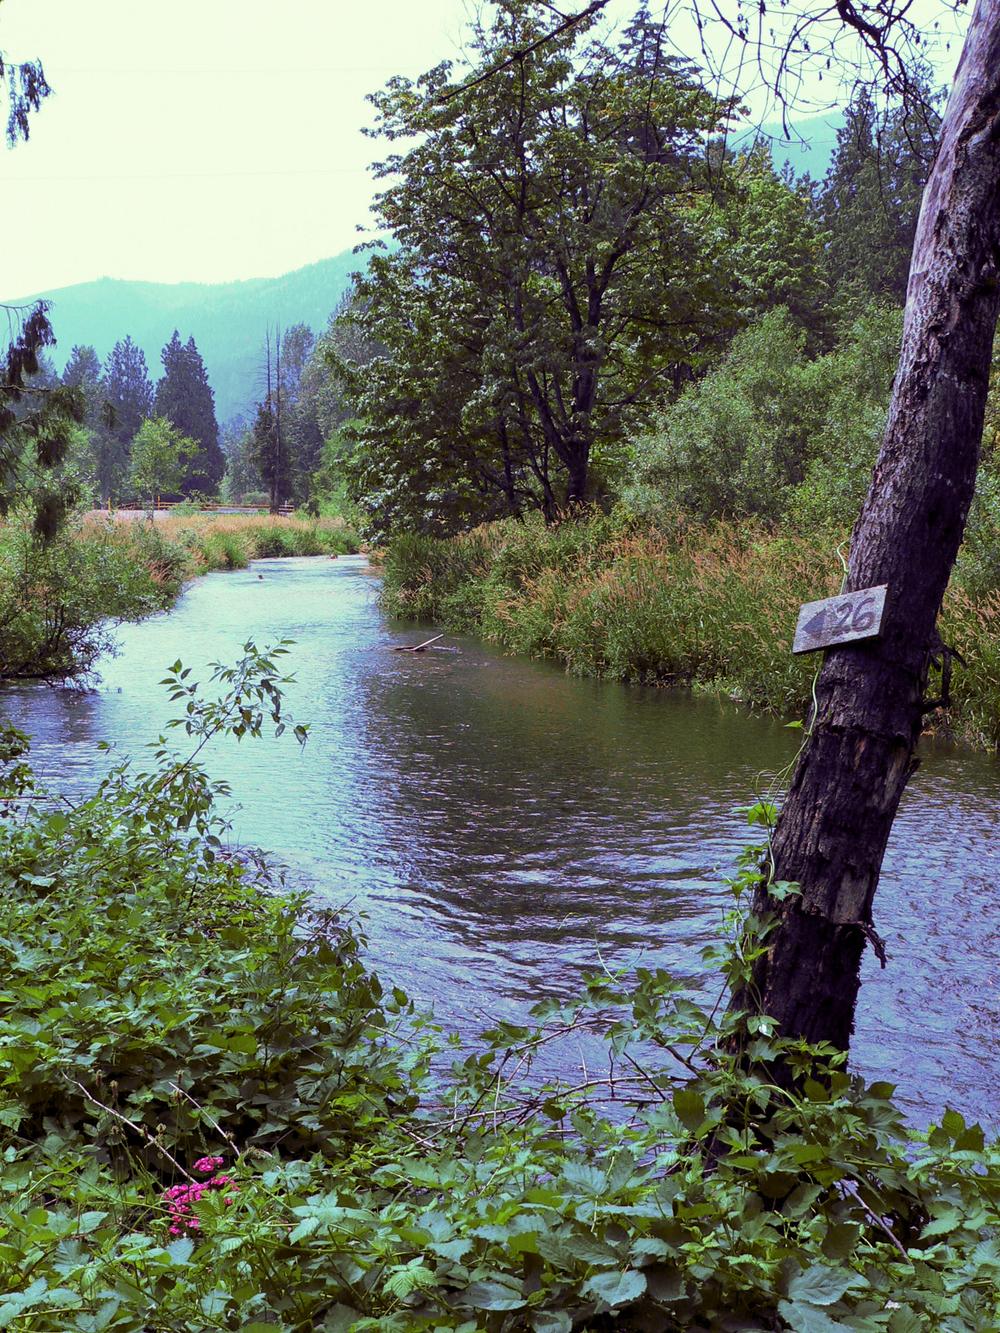 sweltzercreek_River.jpg